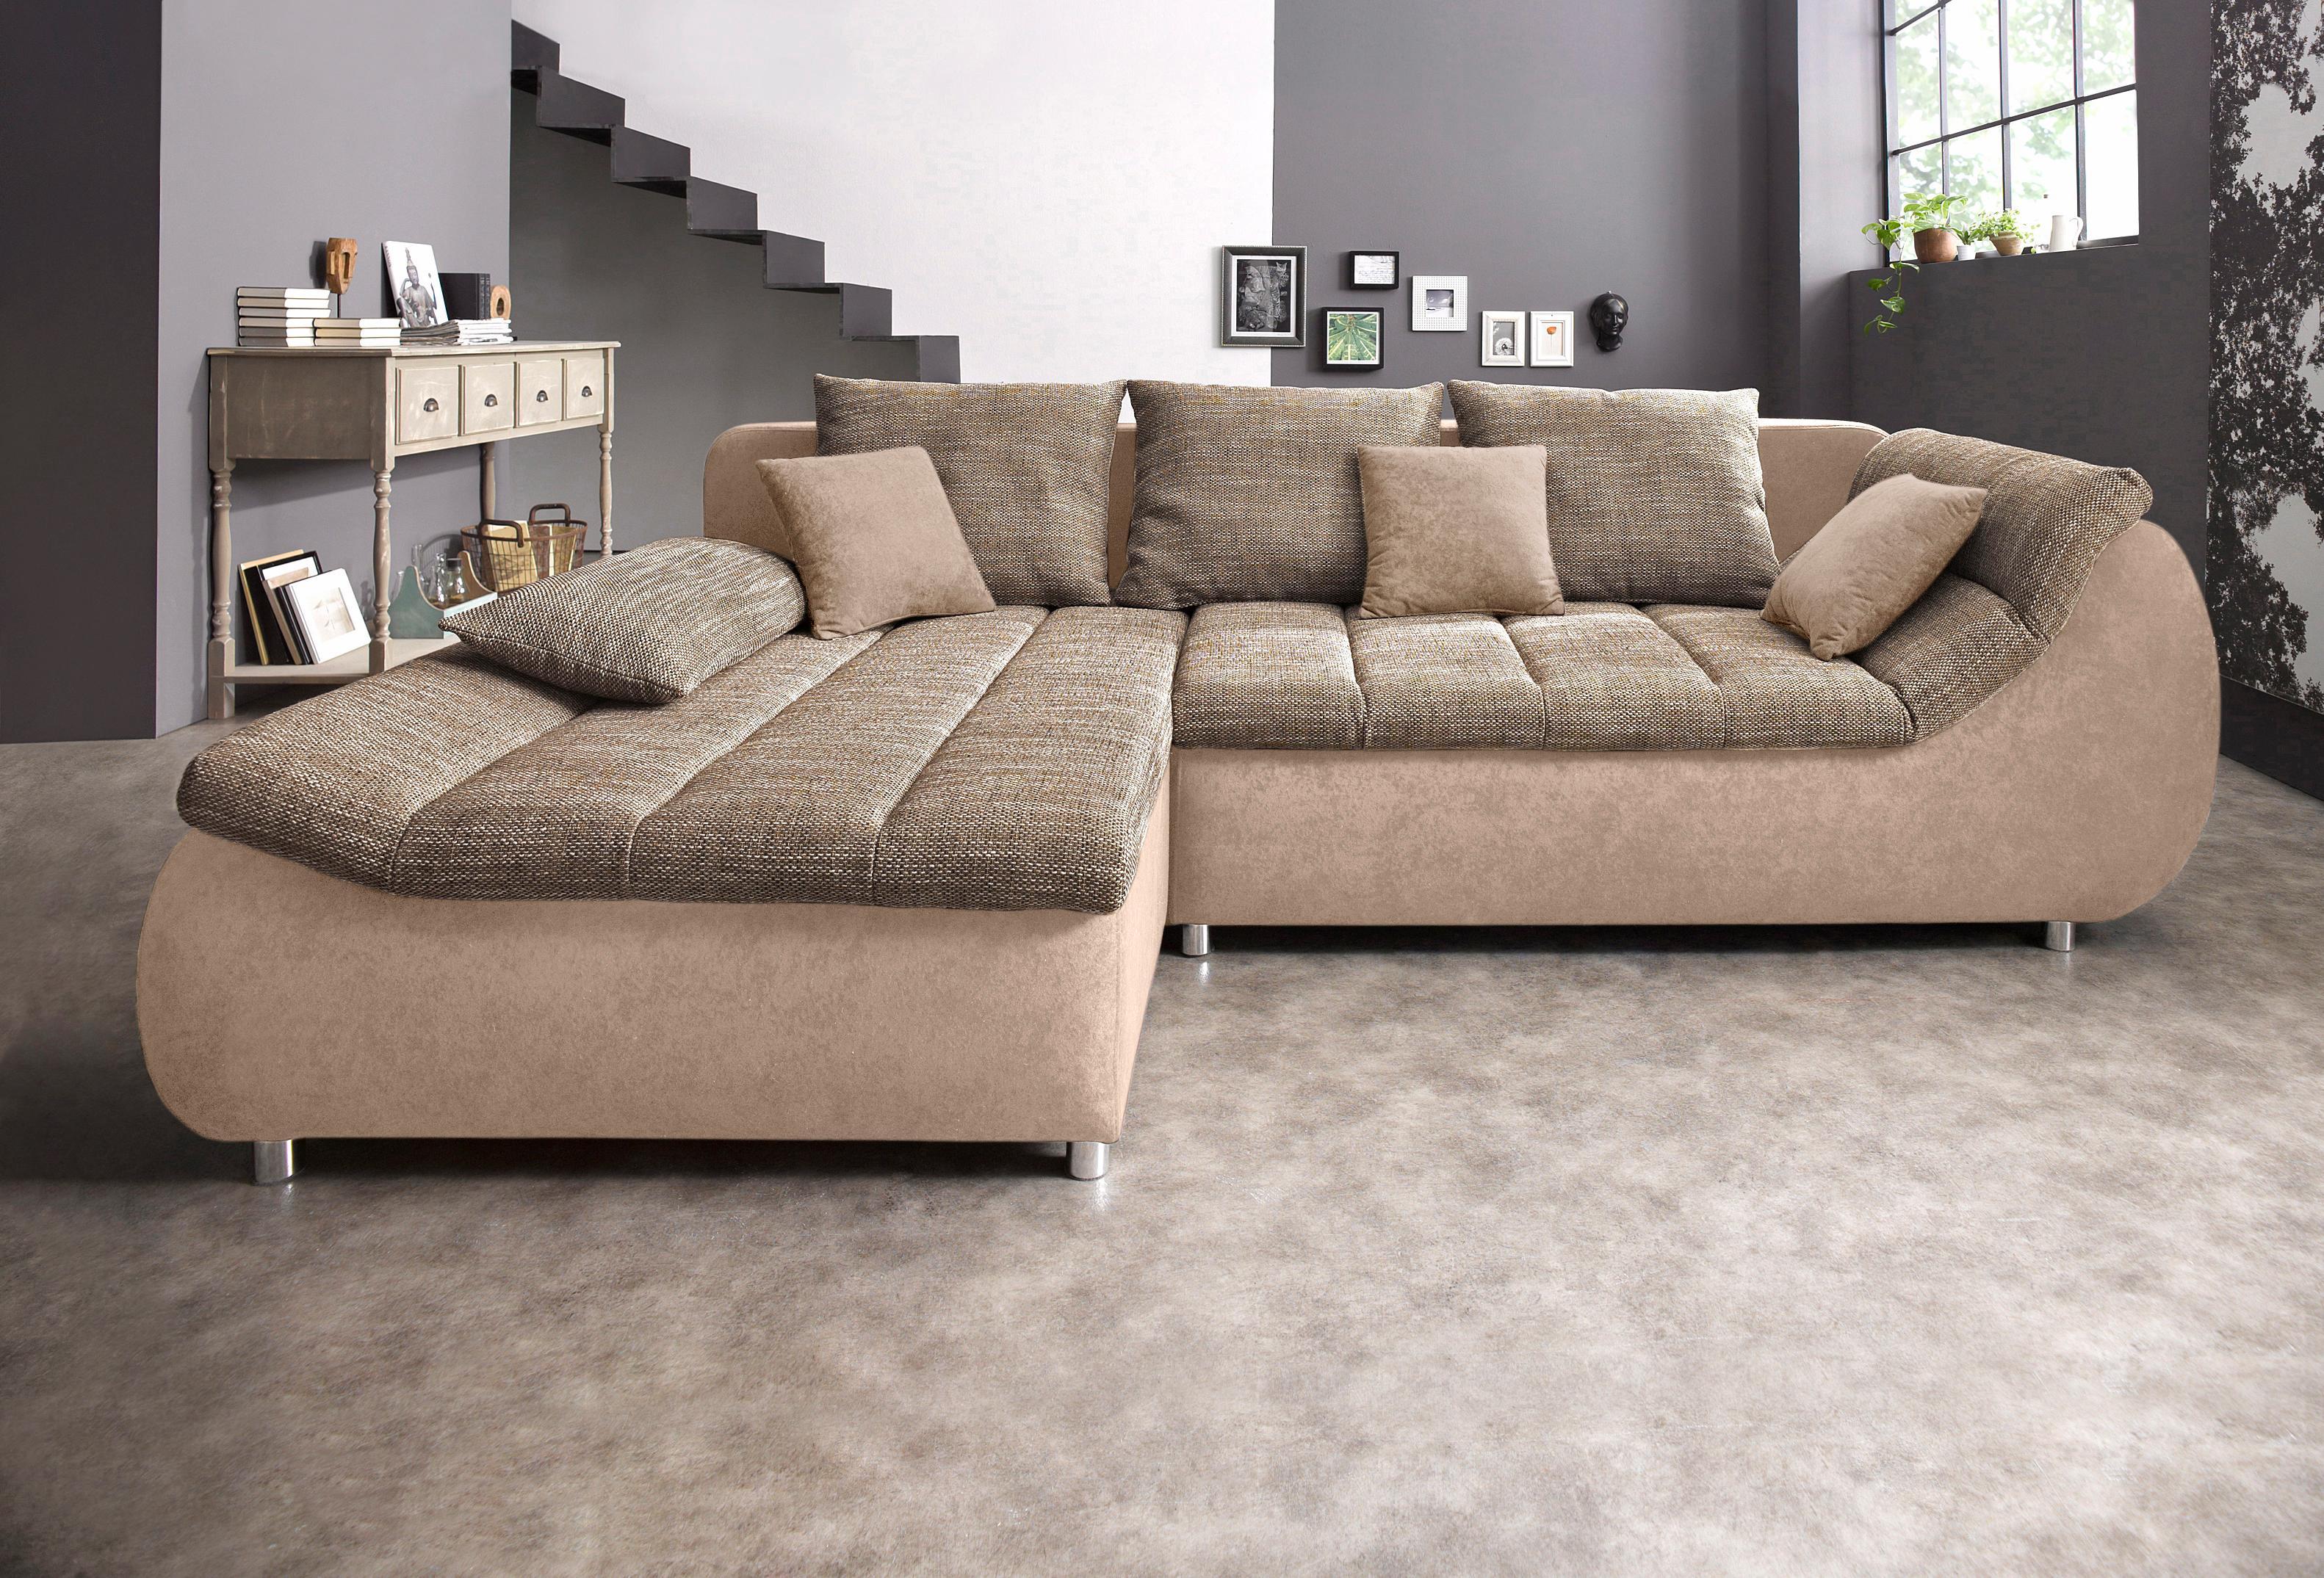 benformato city collection ecksofa auf rechnung online. Black Bedroom Furniture Sets. Home Design Ideas